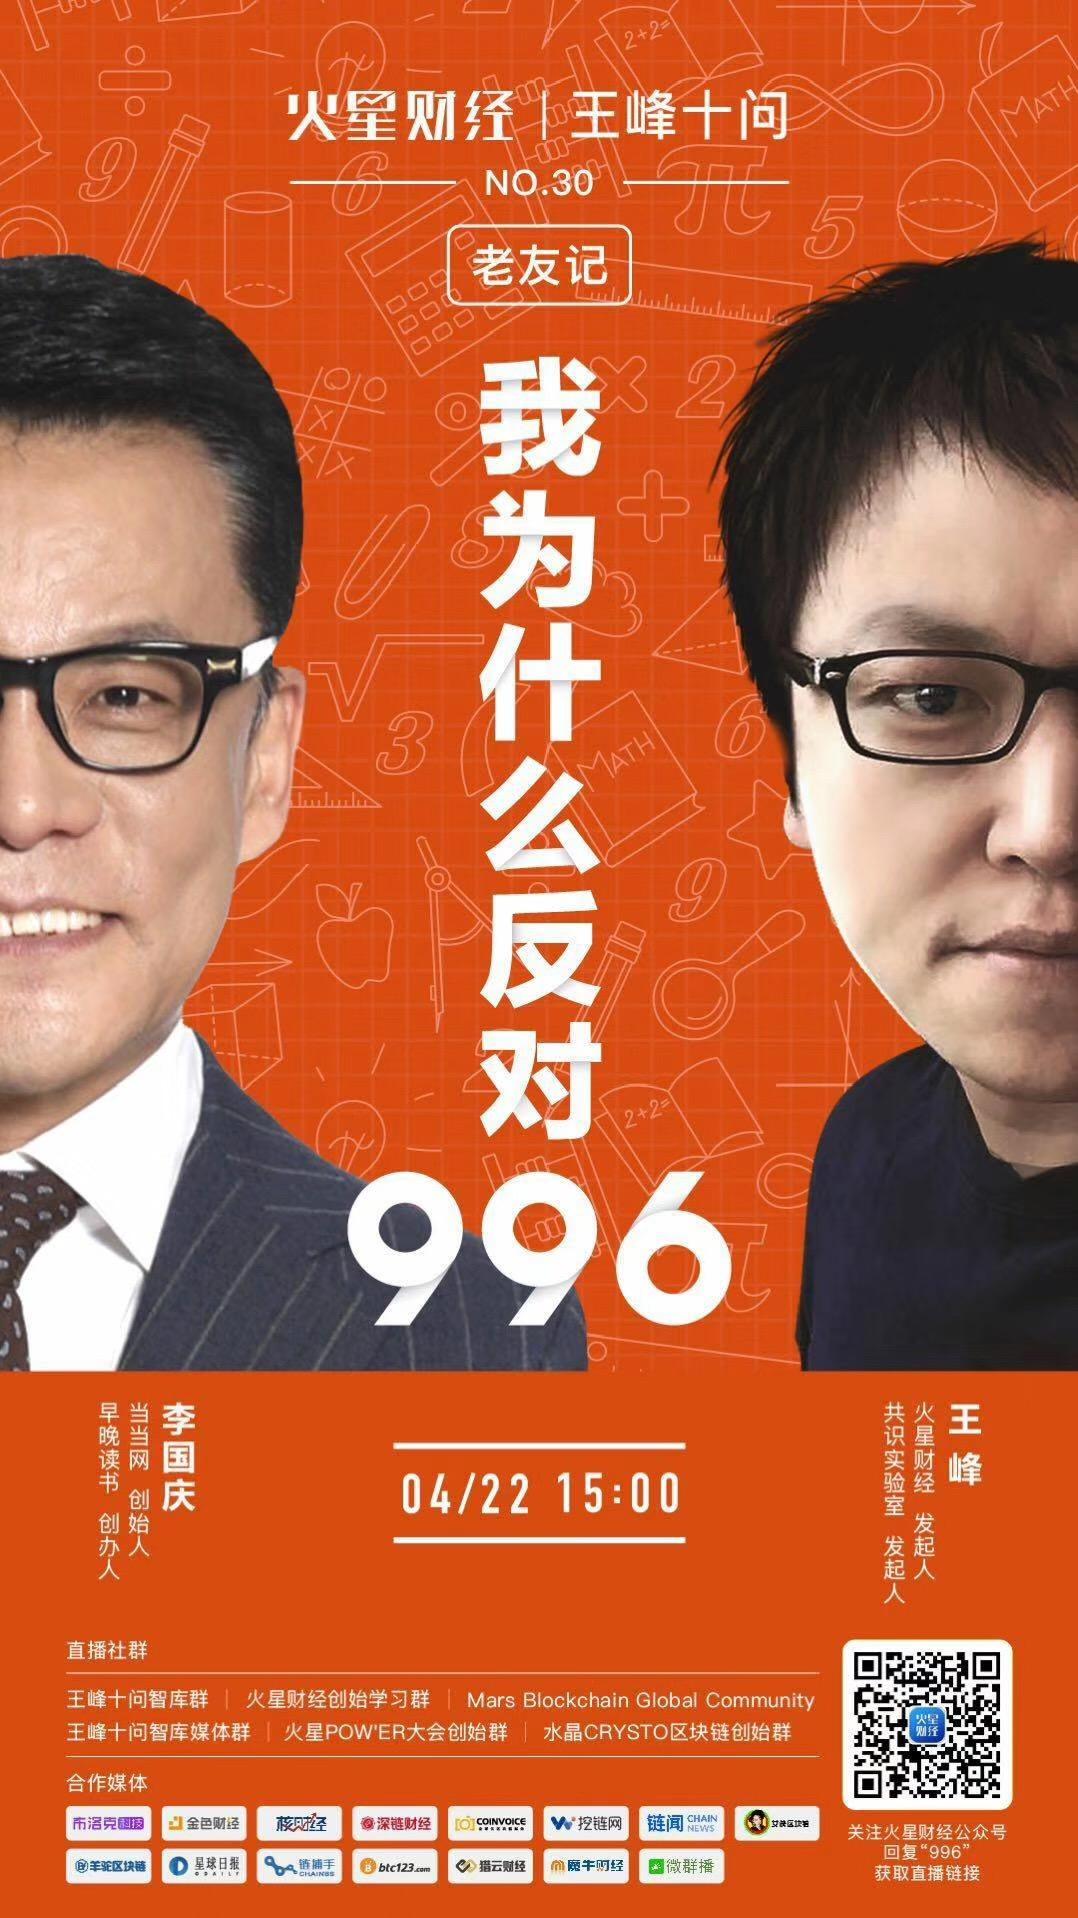 李国庆做客王峰十问:用人观念完全相左,是我与俞渝分歧的要害